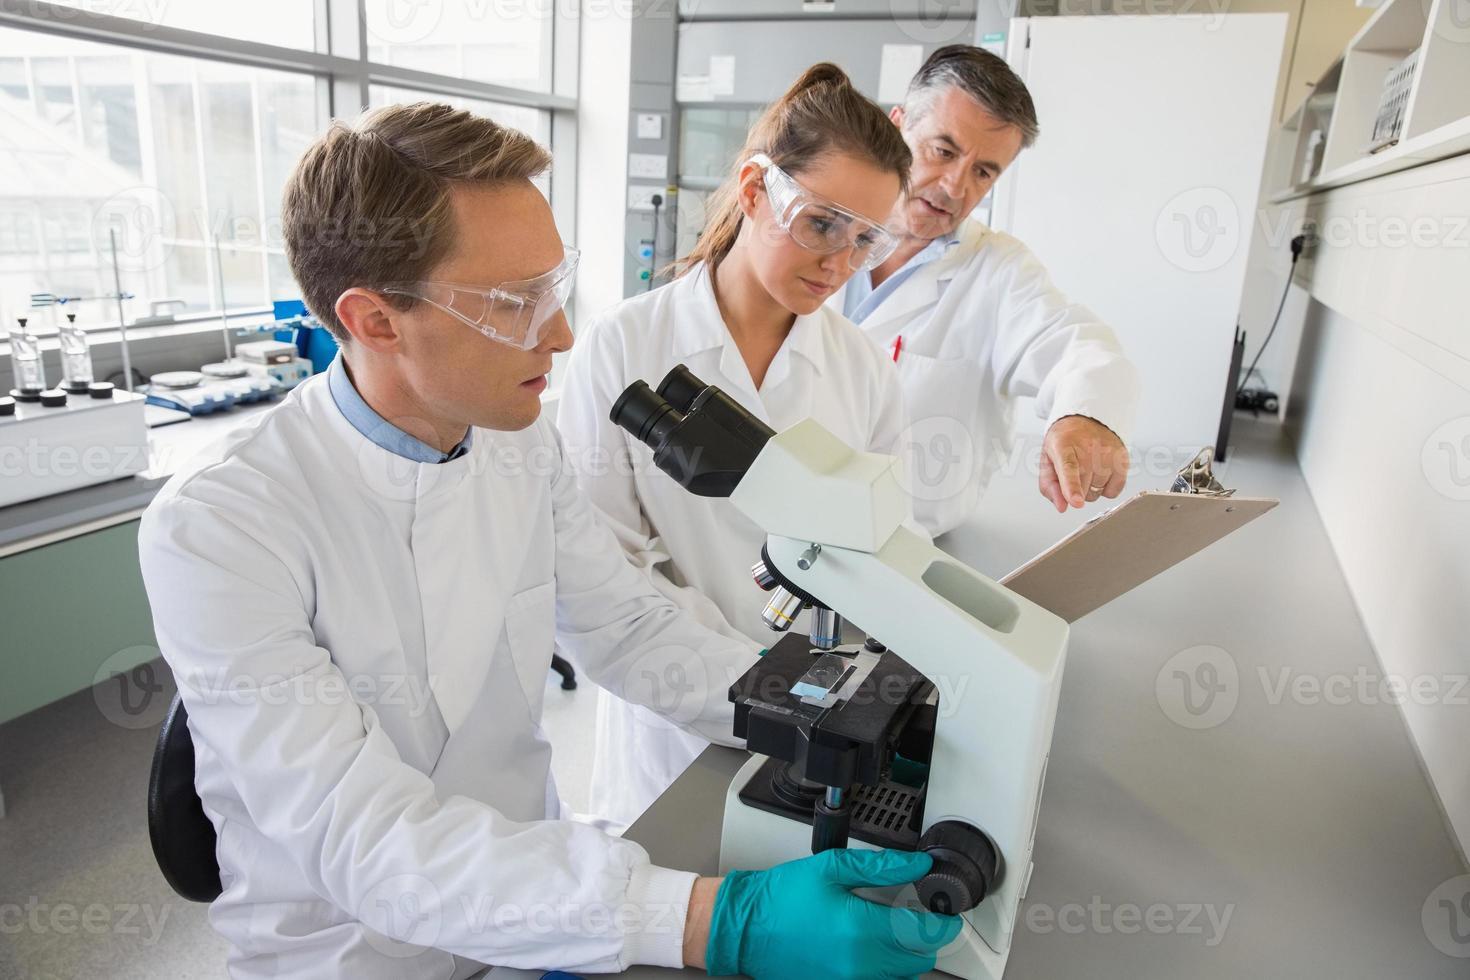 equipe de cientistas trabalhando juntos foto